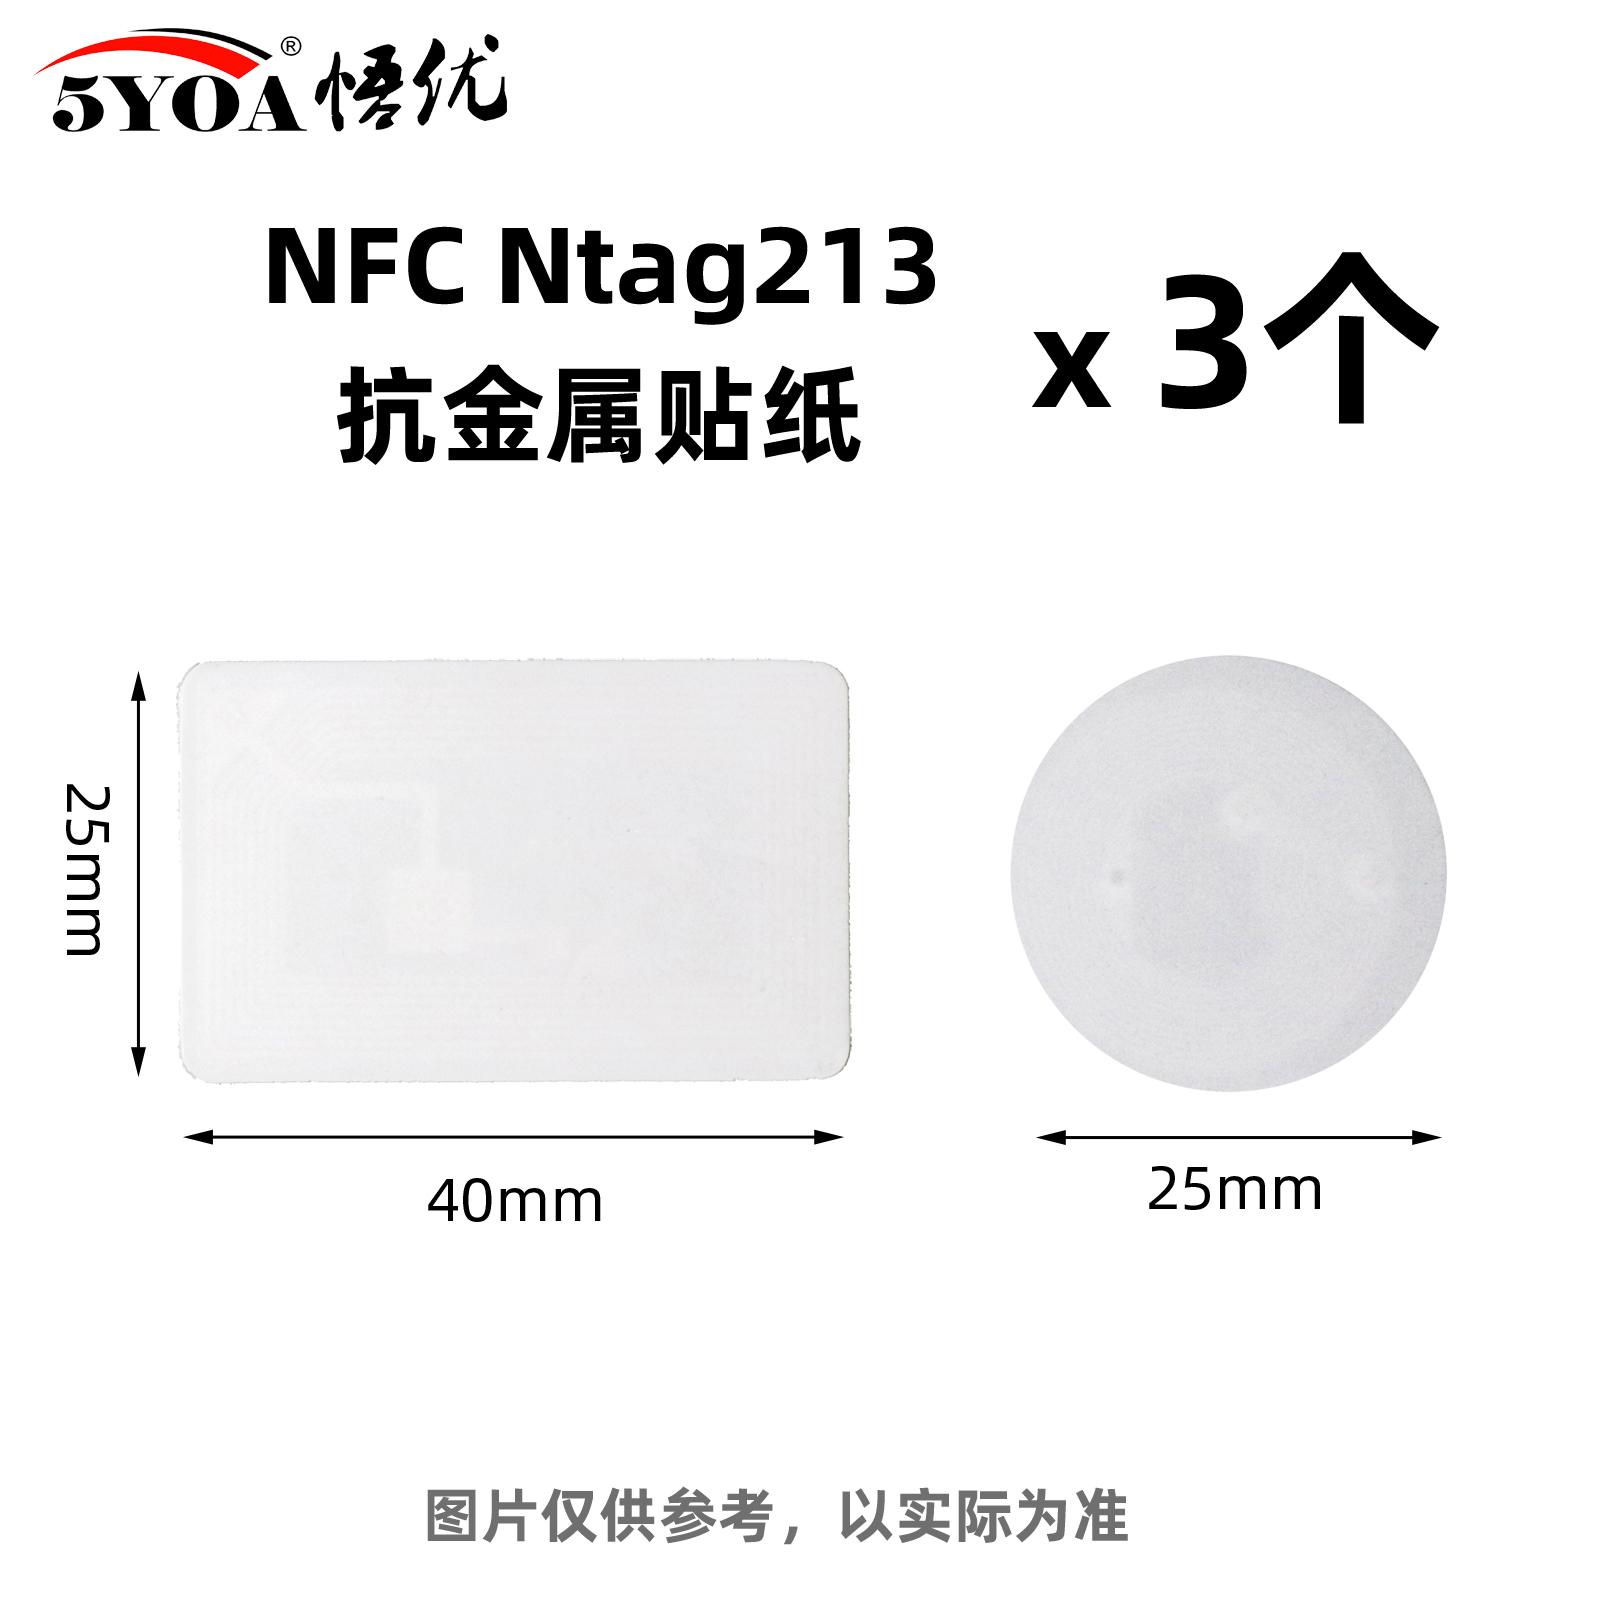 卡IC贴纸抗金属一碰传多屏协同华为贴片手机电脑电子标签智能NFC